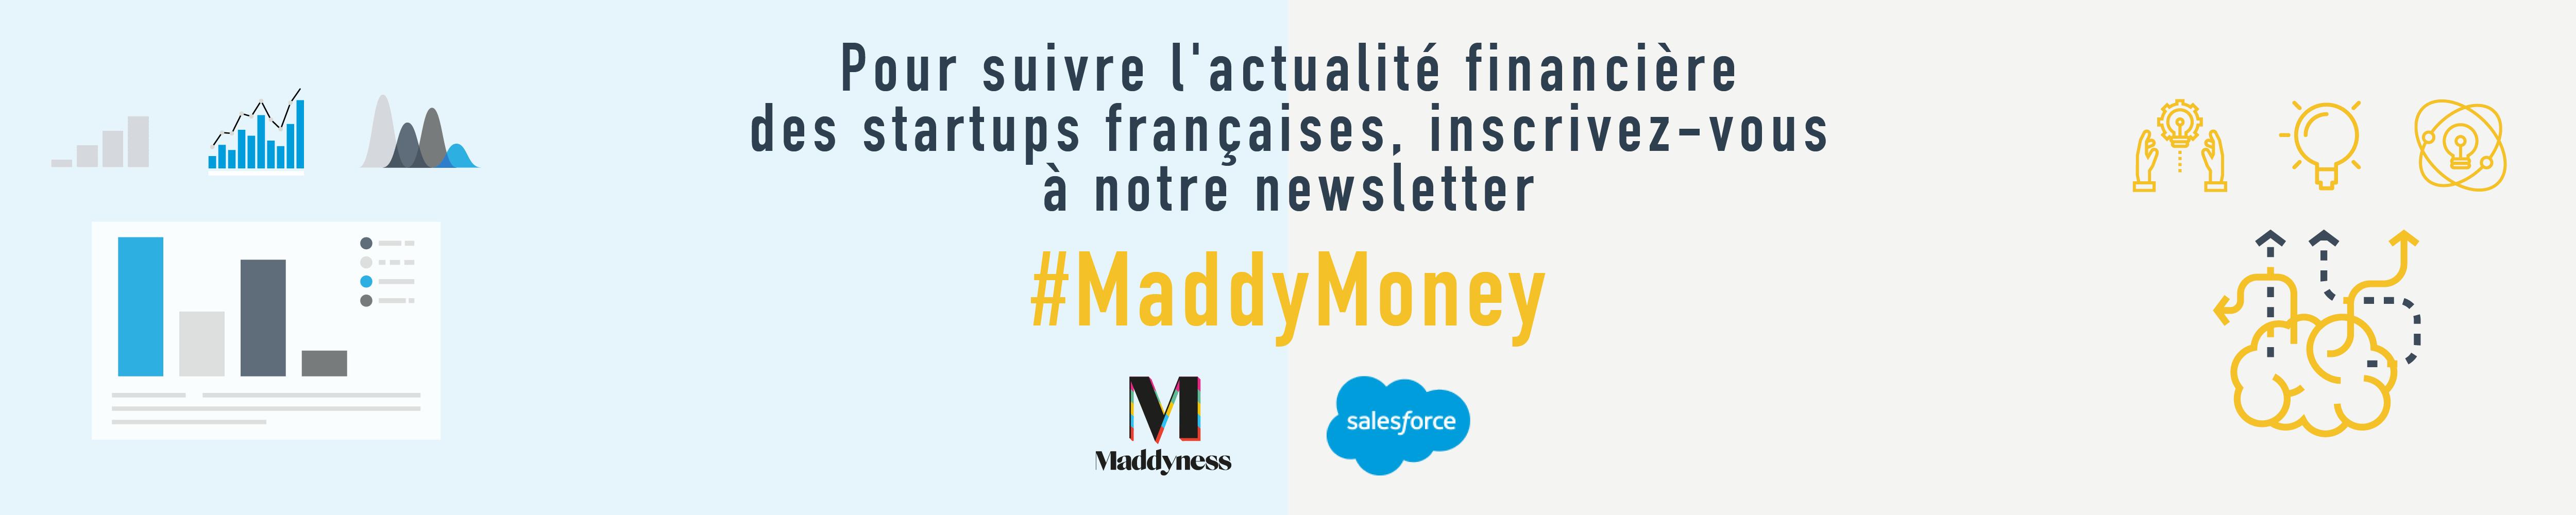 maddymoney_baniereV2_3